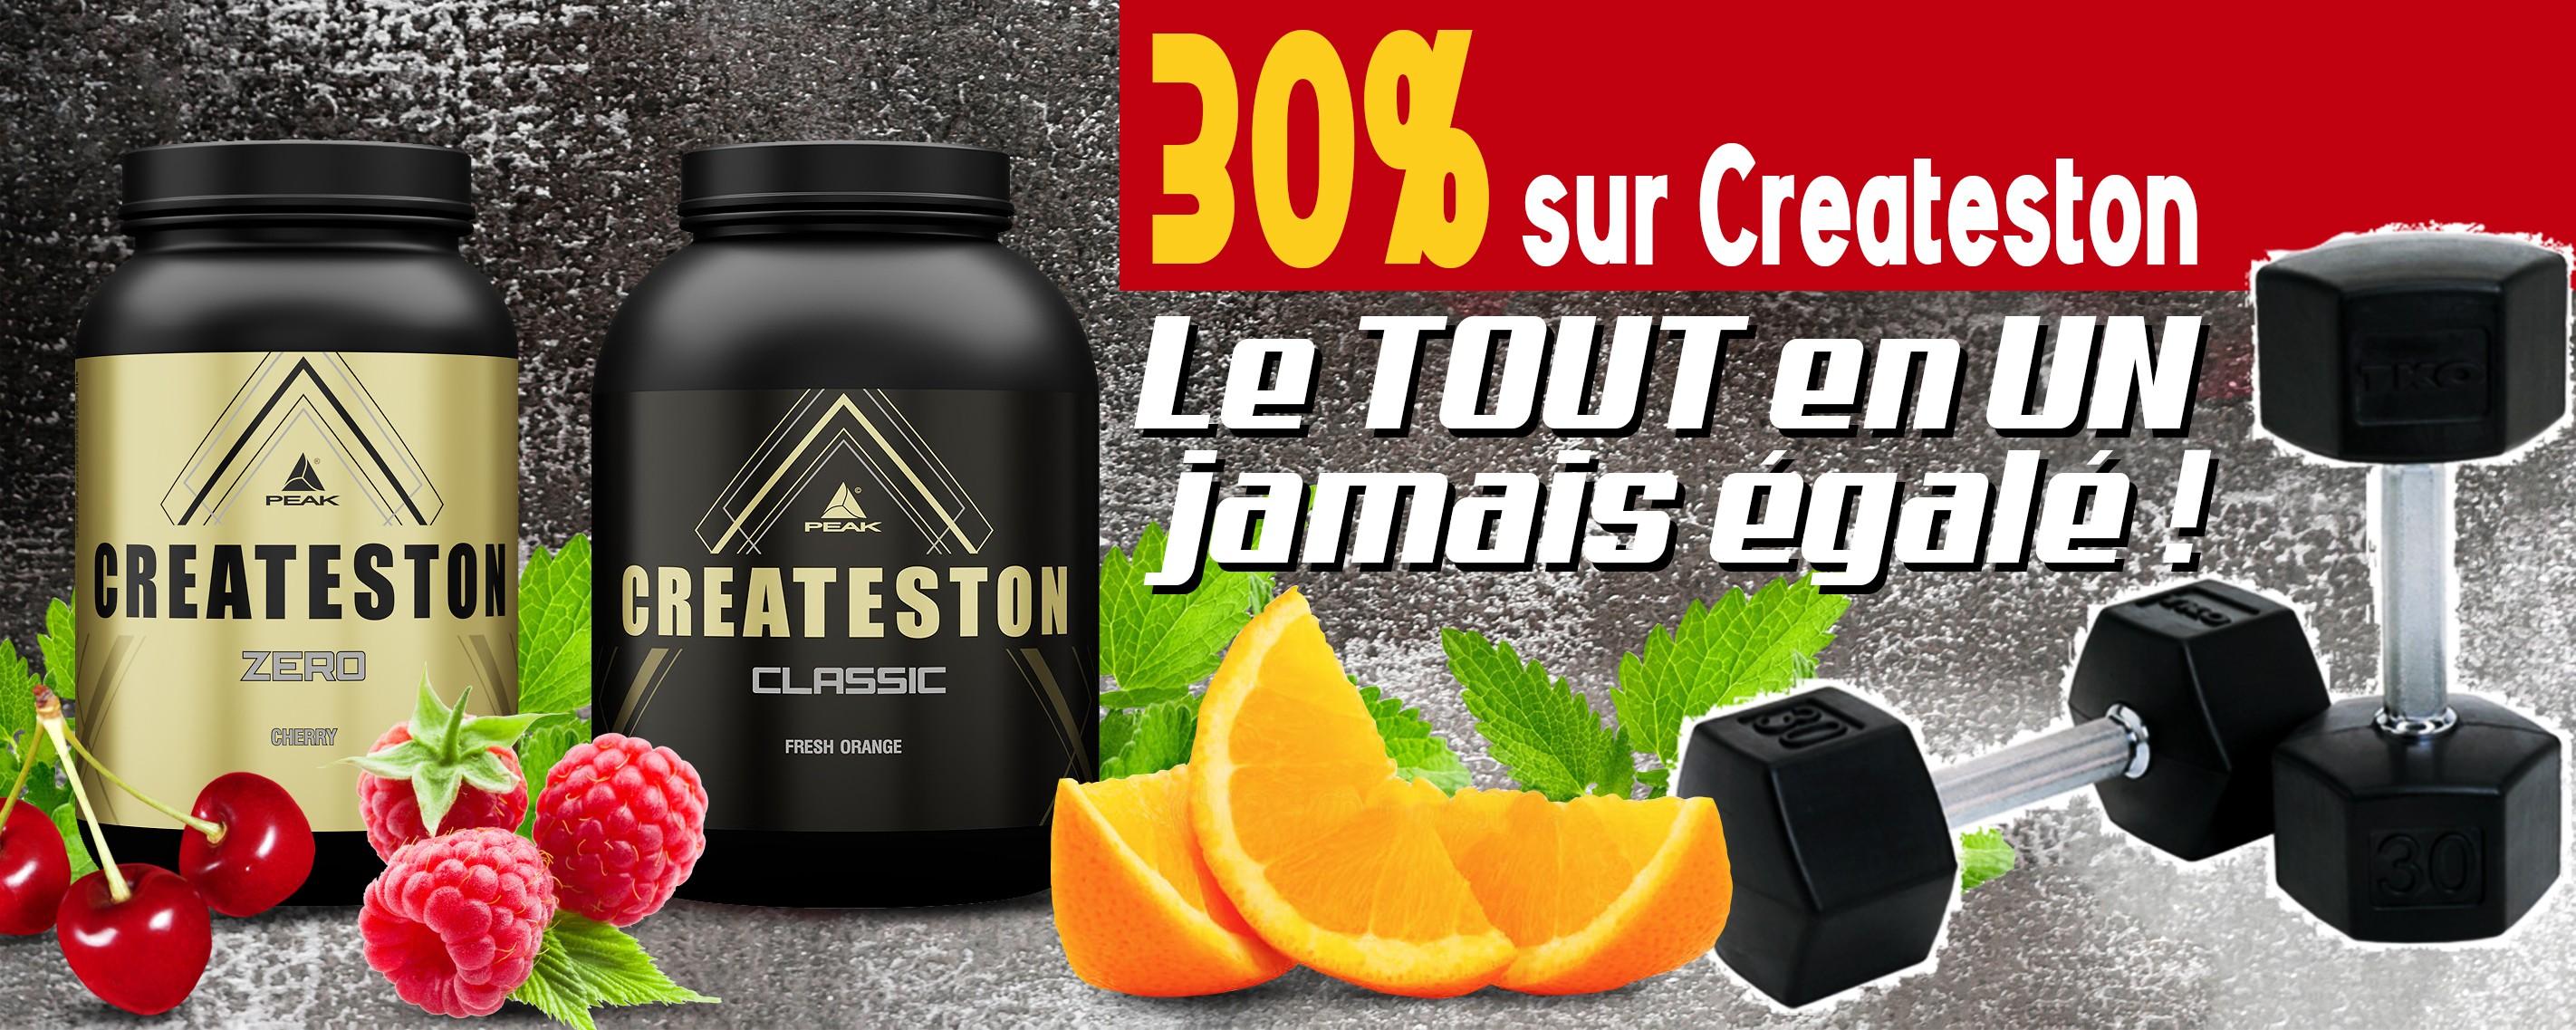 -30% Createston